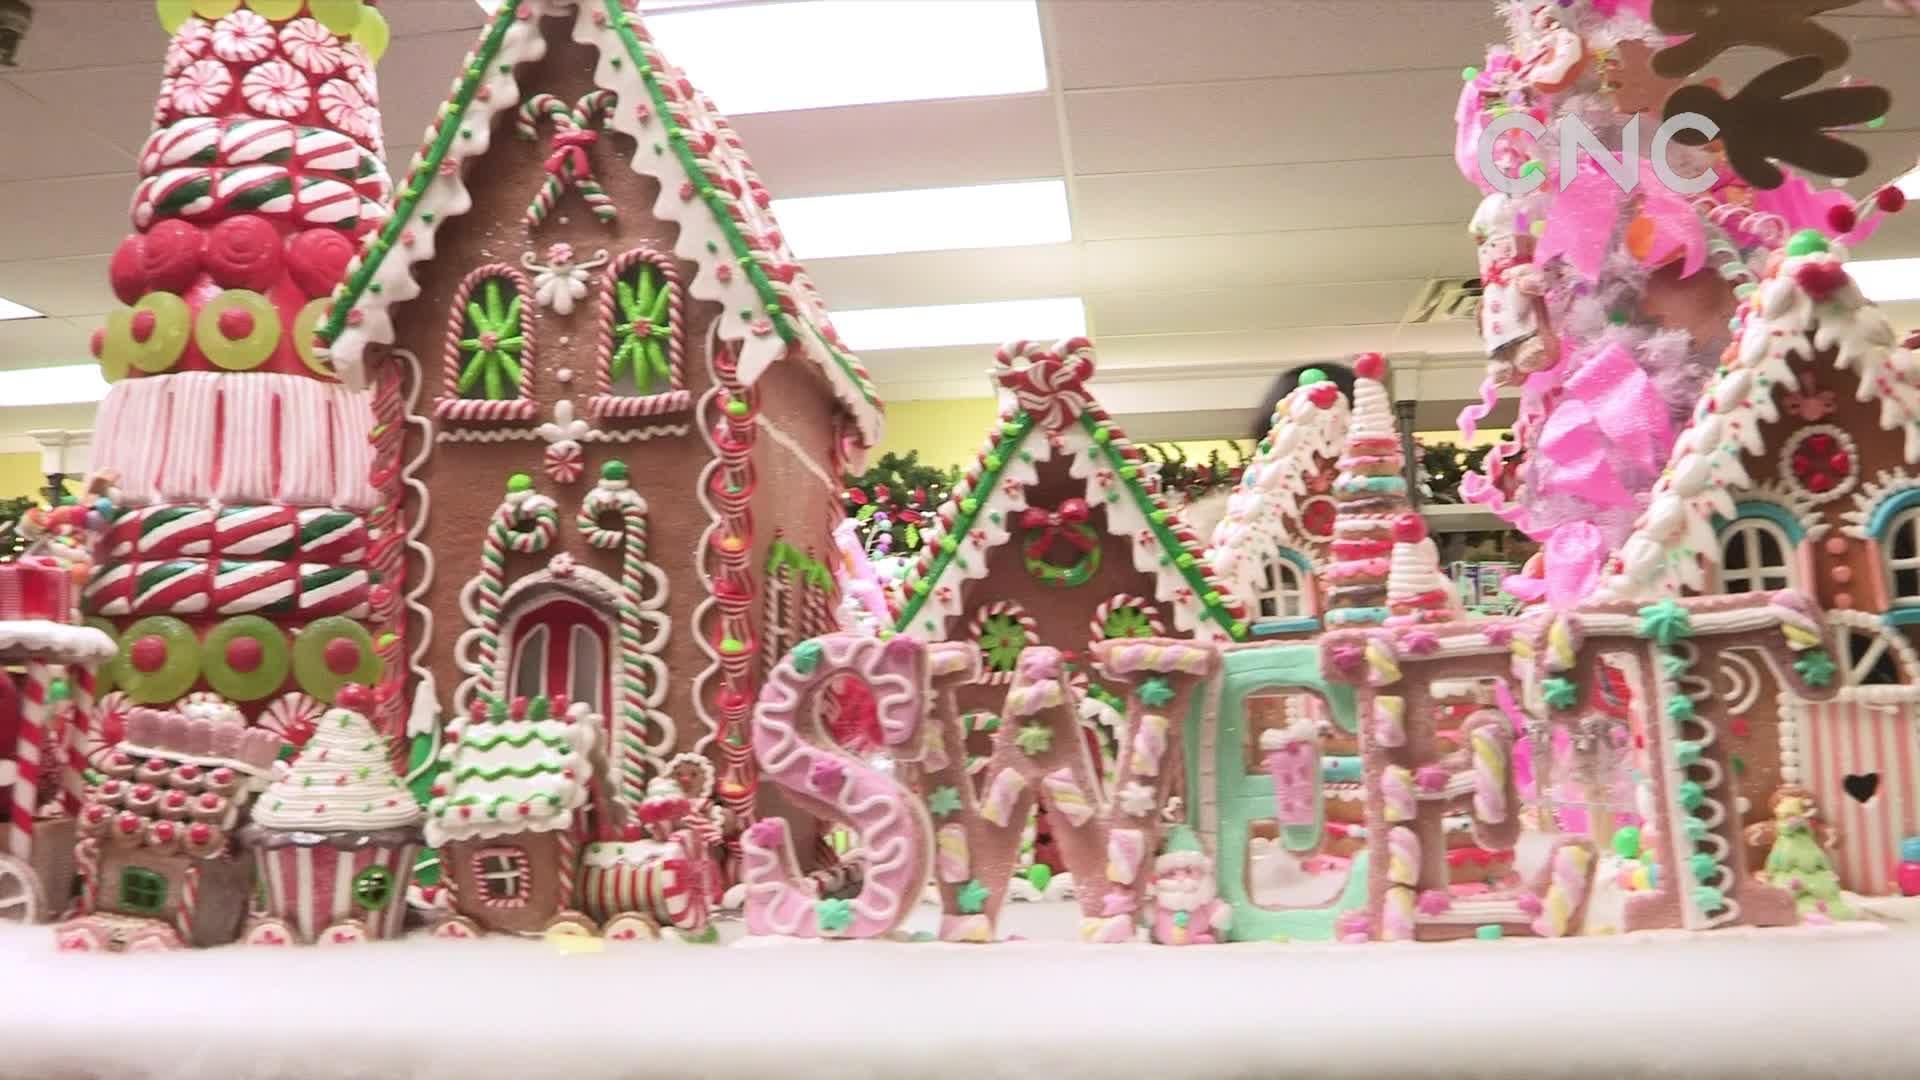 加拿大奇妙乐园首次举办冬季节